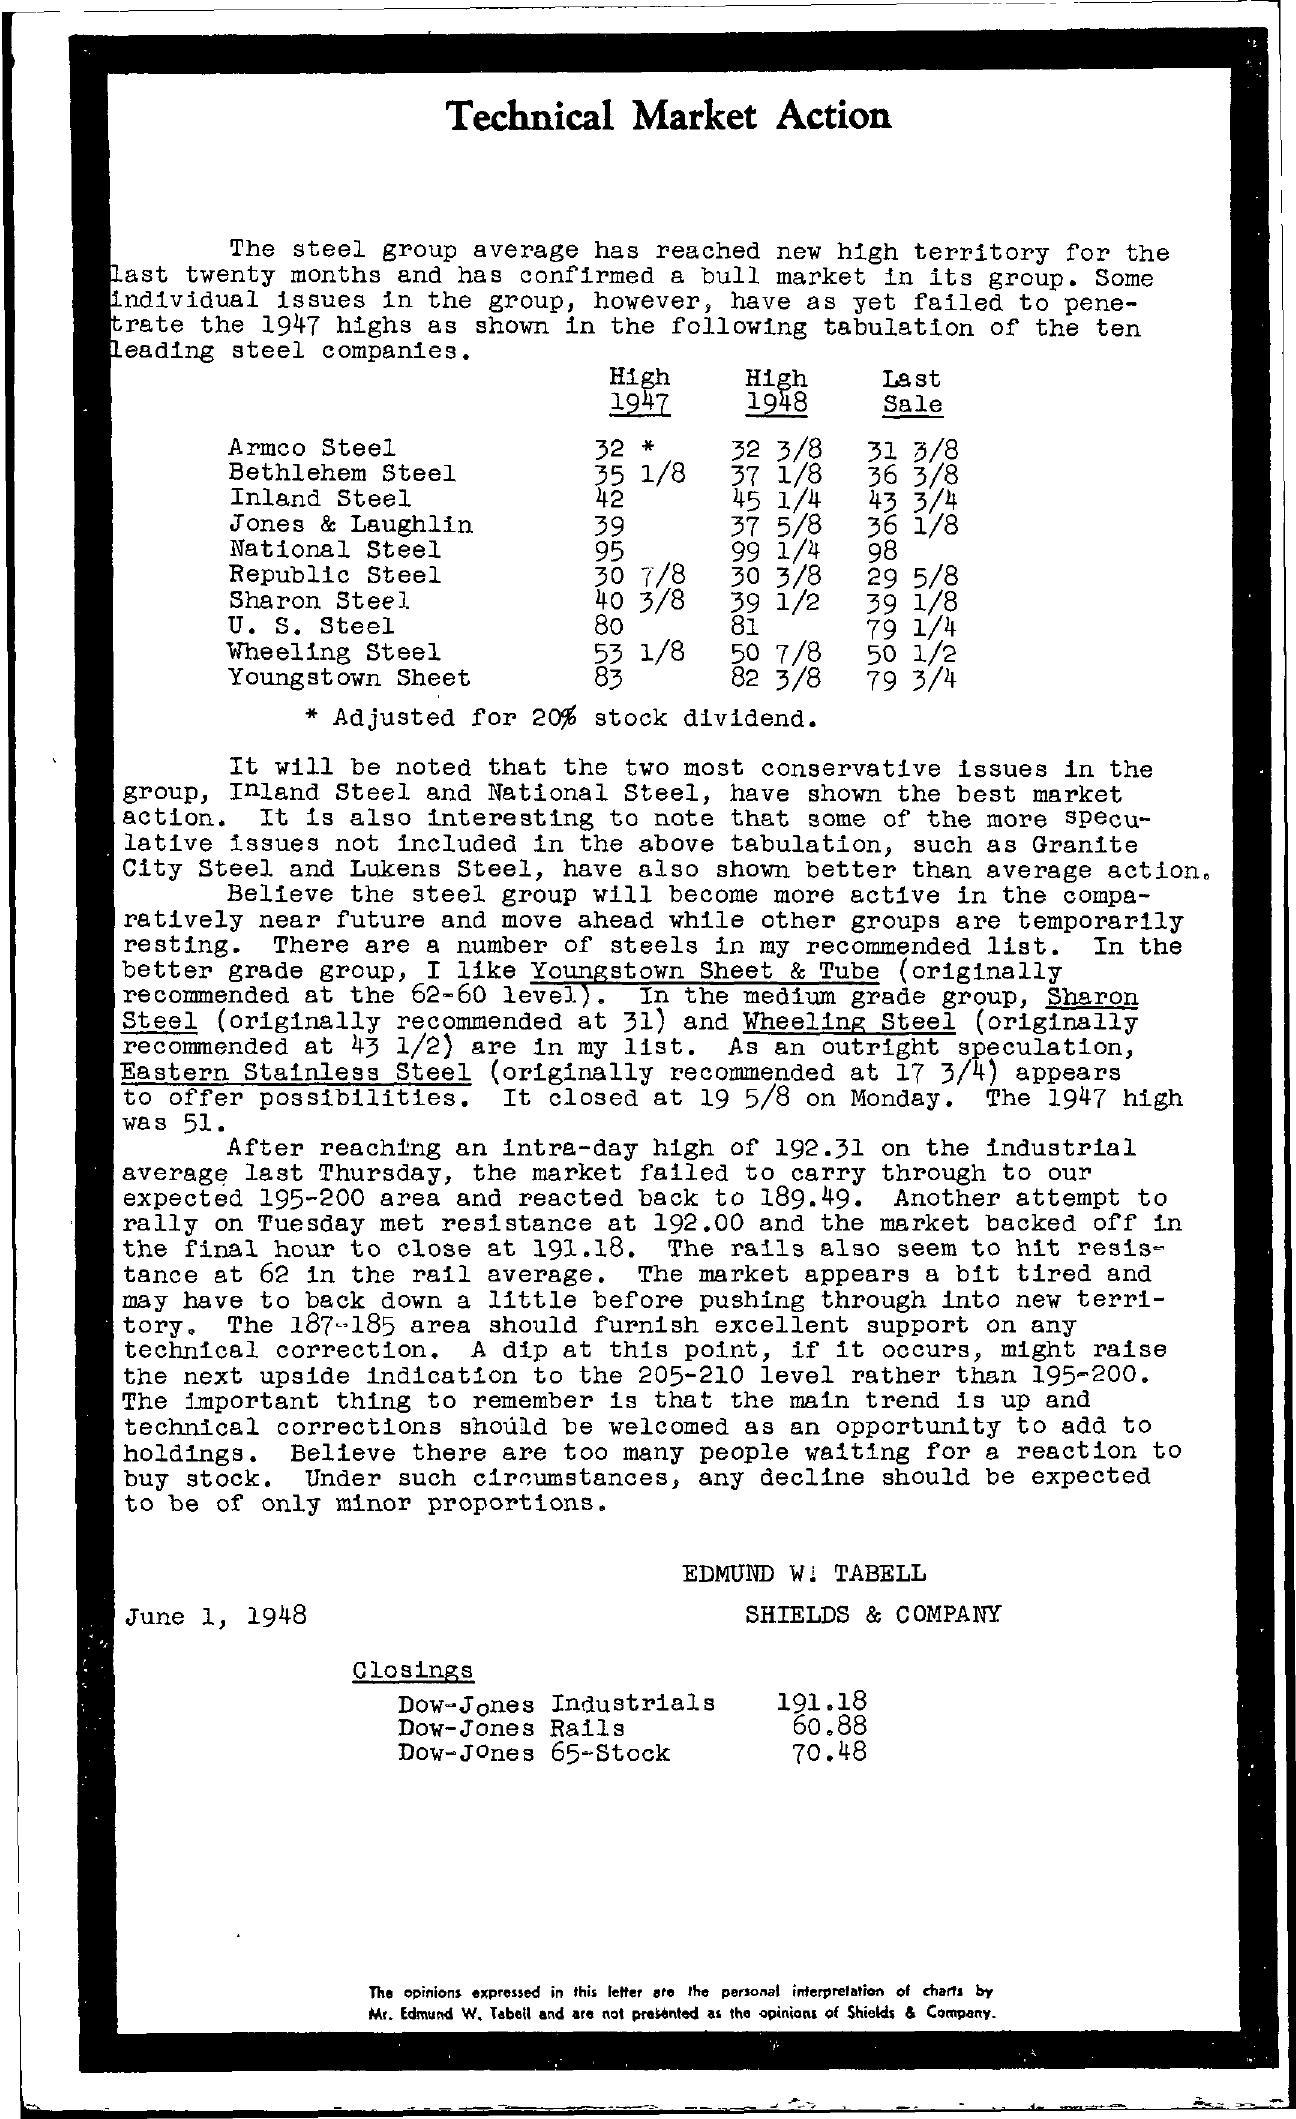 Tabell's Market Letter - June 01, 1948